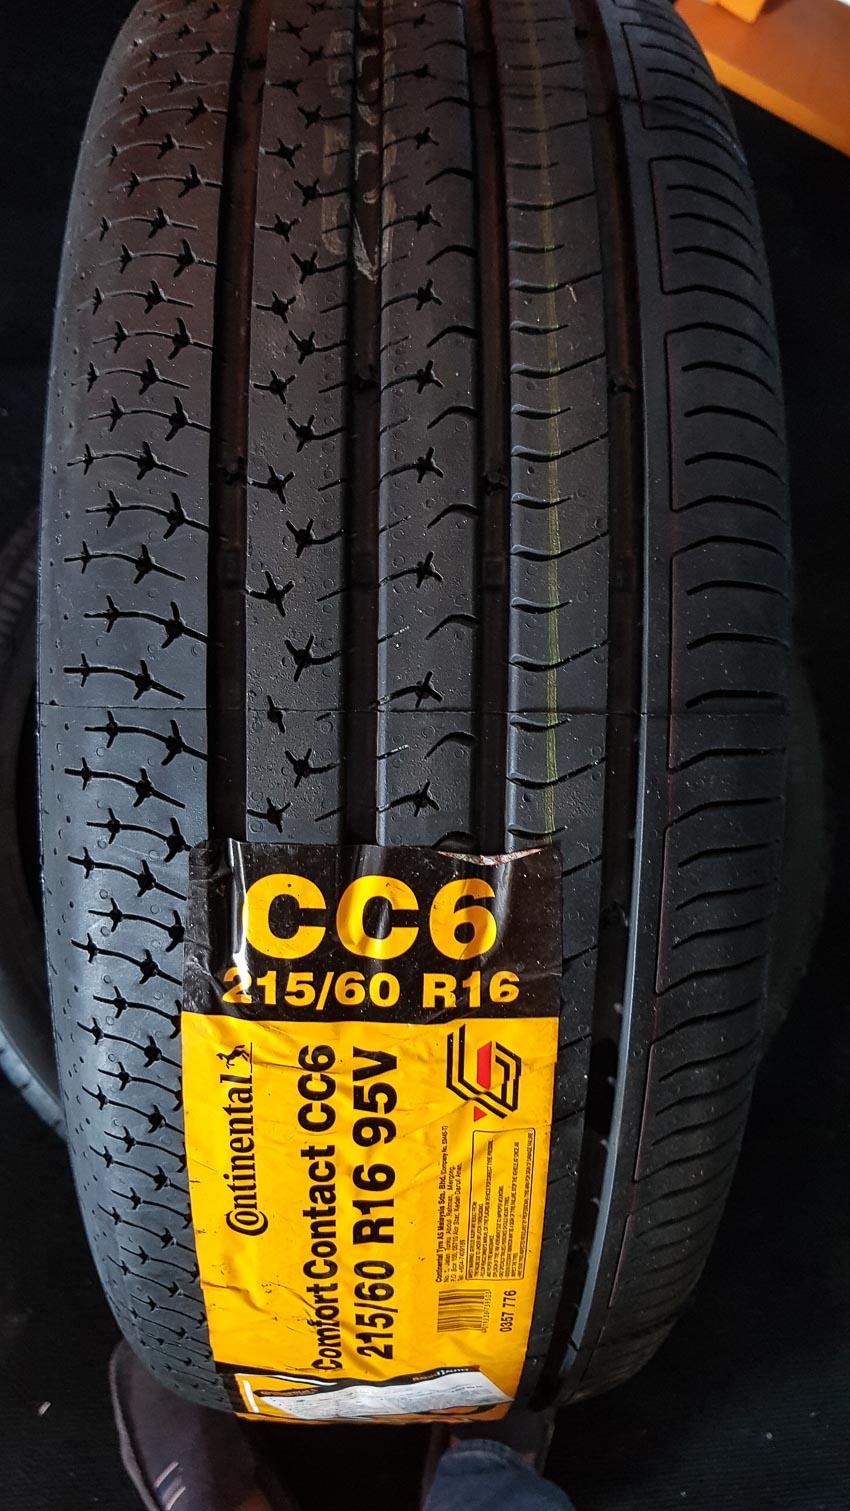 DNP-Continental-Tires-cho-ra-mat-hai-dong-lop-chuyen-dung-the-he-moi-7